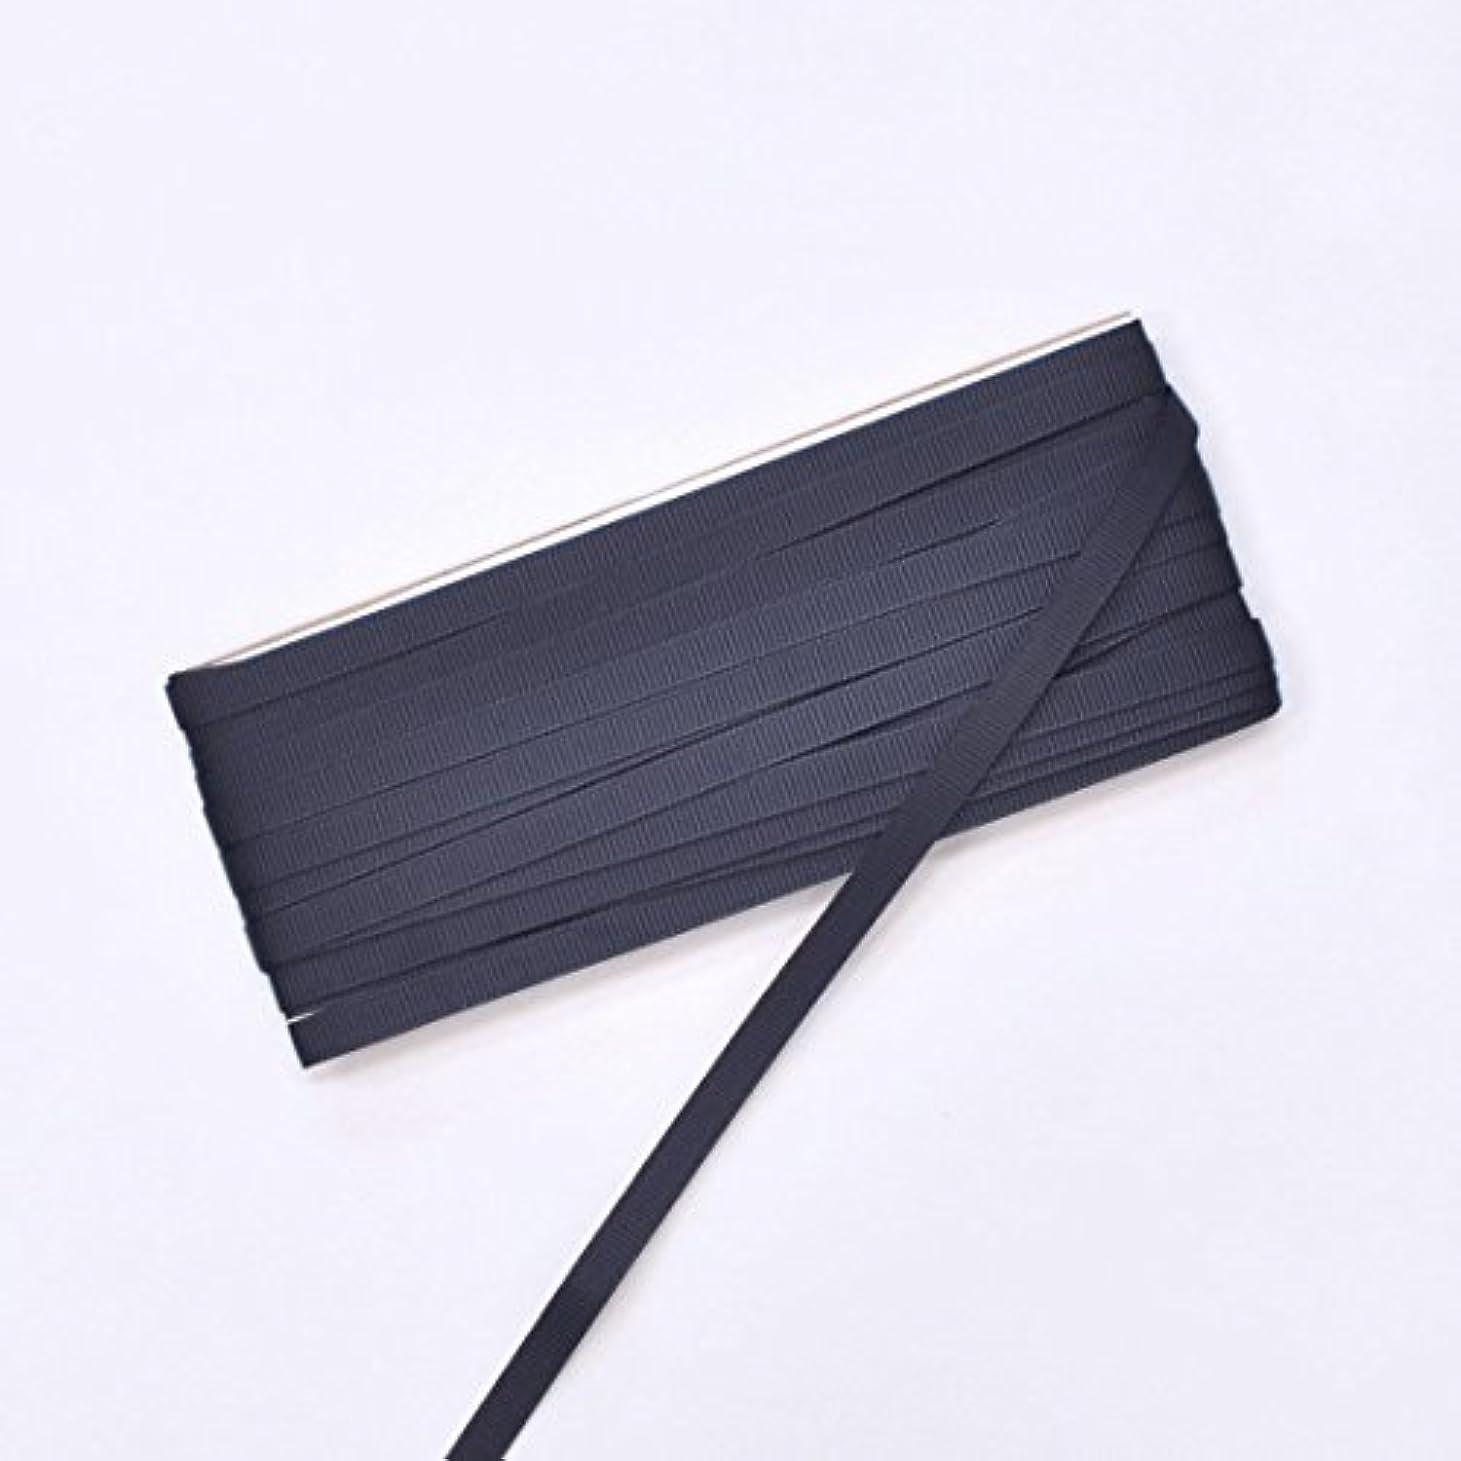 不誠実違反運命的なグログランリボン 7mm幅 たっぷり10ヤード(4.5m) 全13色 (ブラック)